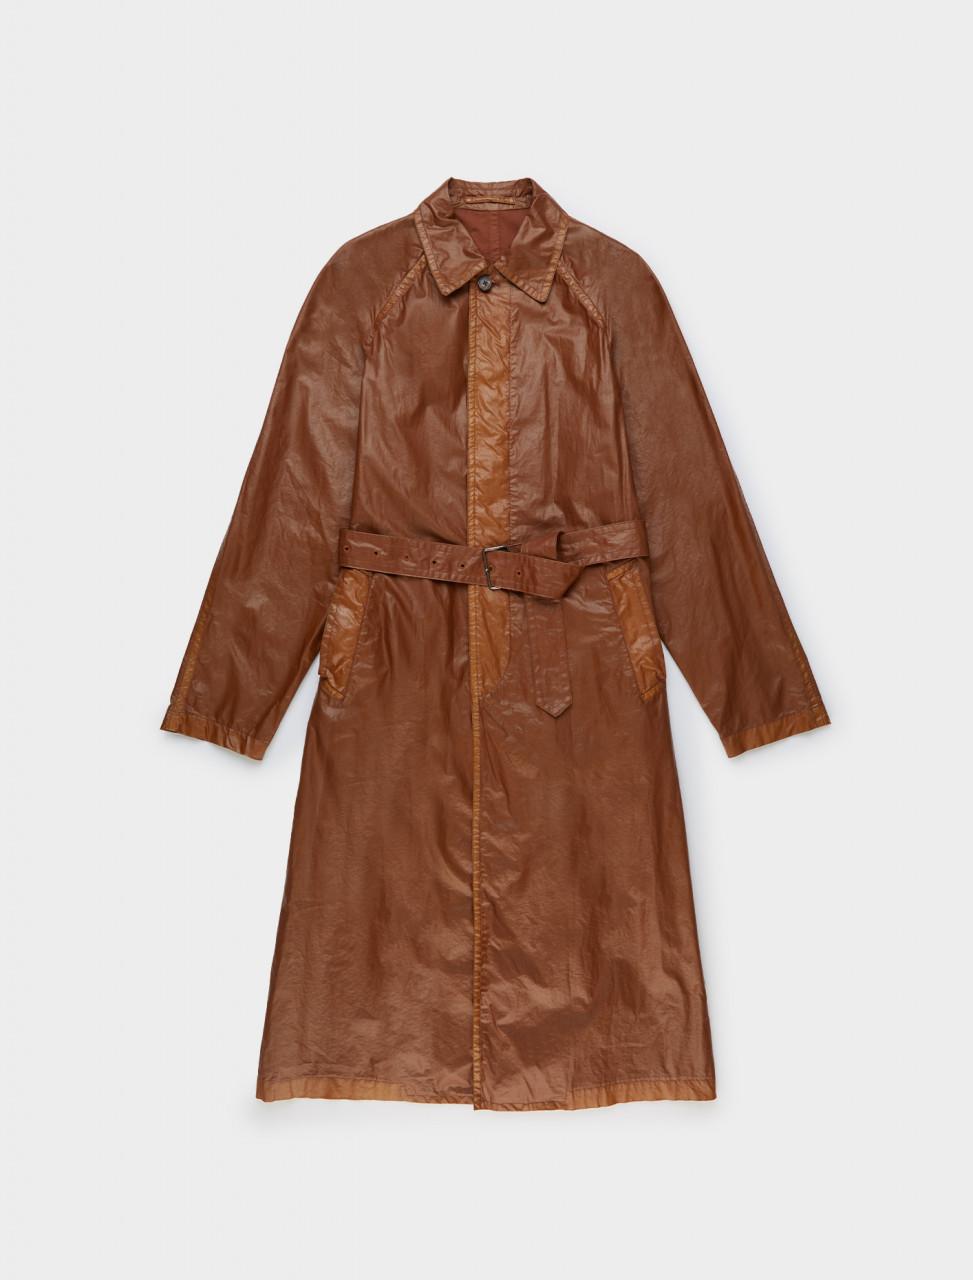 Dries van Noten Reader Raincoat in Cognac Front